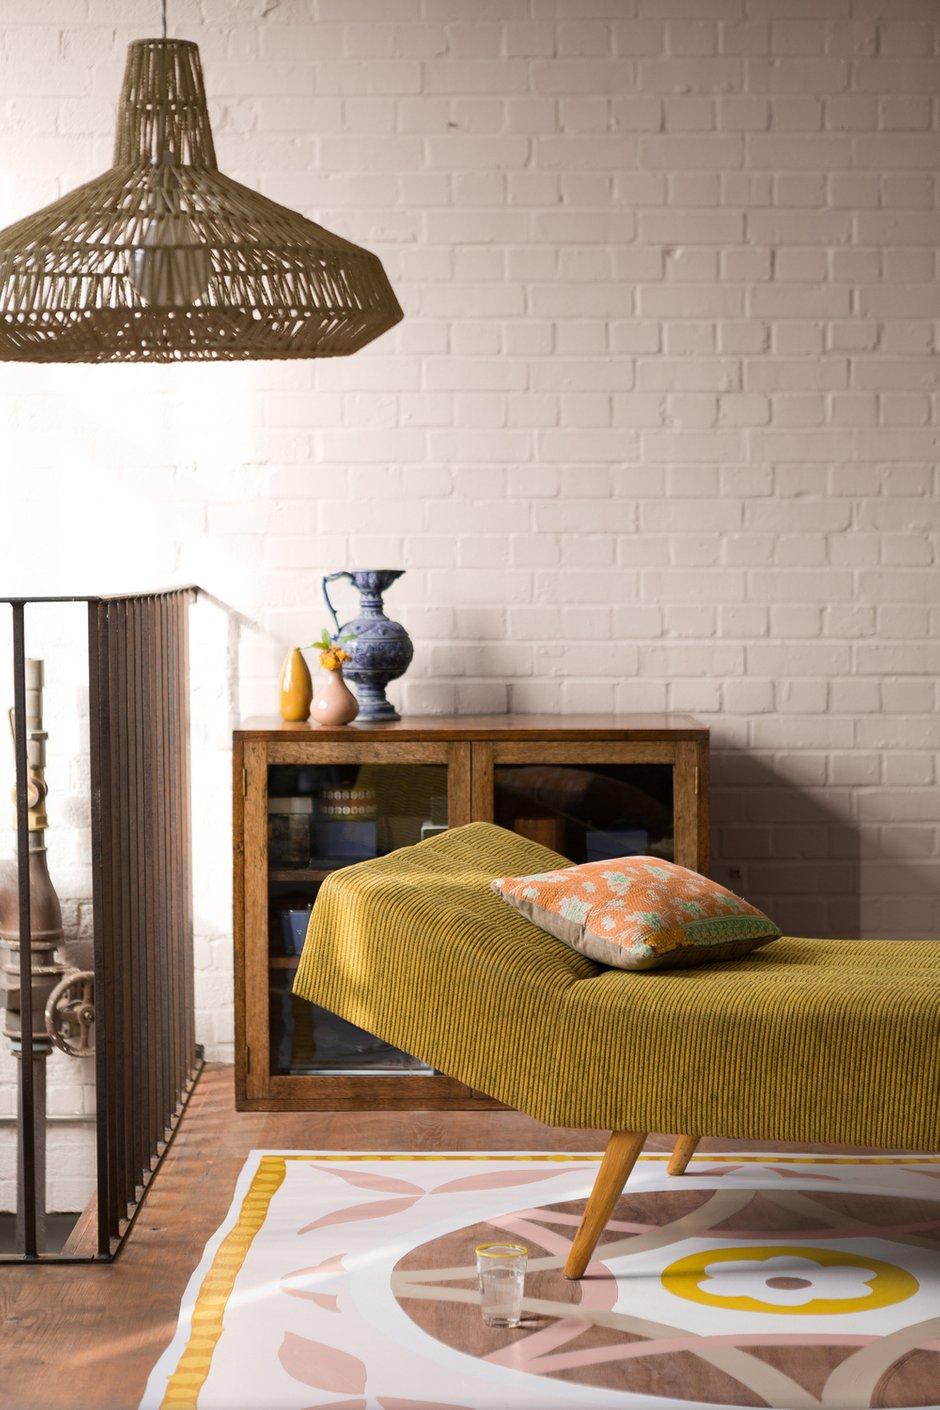 Фотография: Декор в стиле Лофт, Декор интерьера, Дизайн интерьера, Цвет в интерьере, Советы, Dulux, Оранжевый – фото на INMYROOM